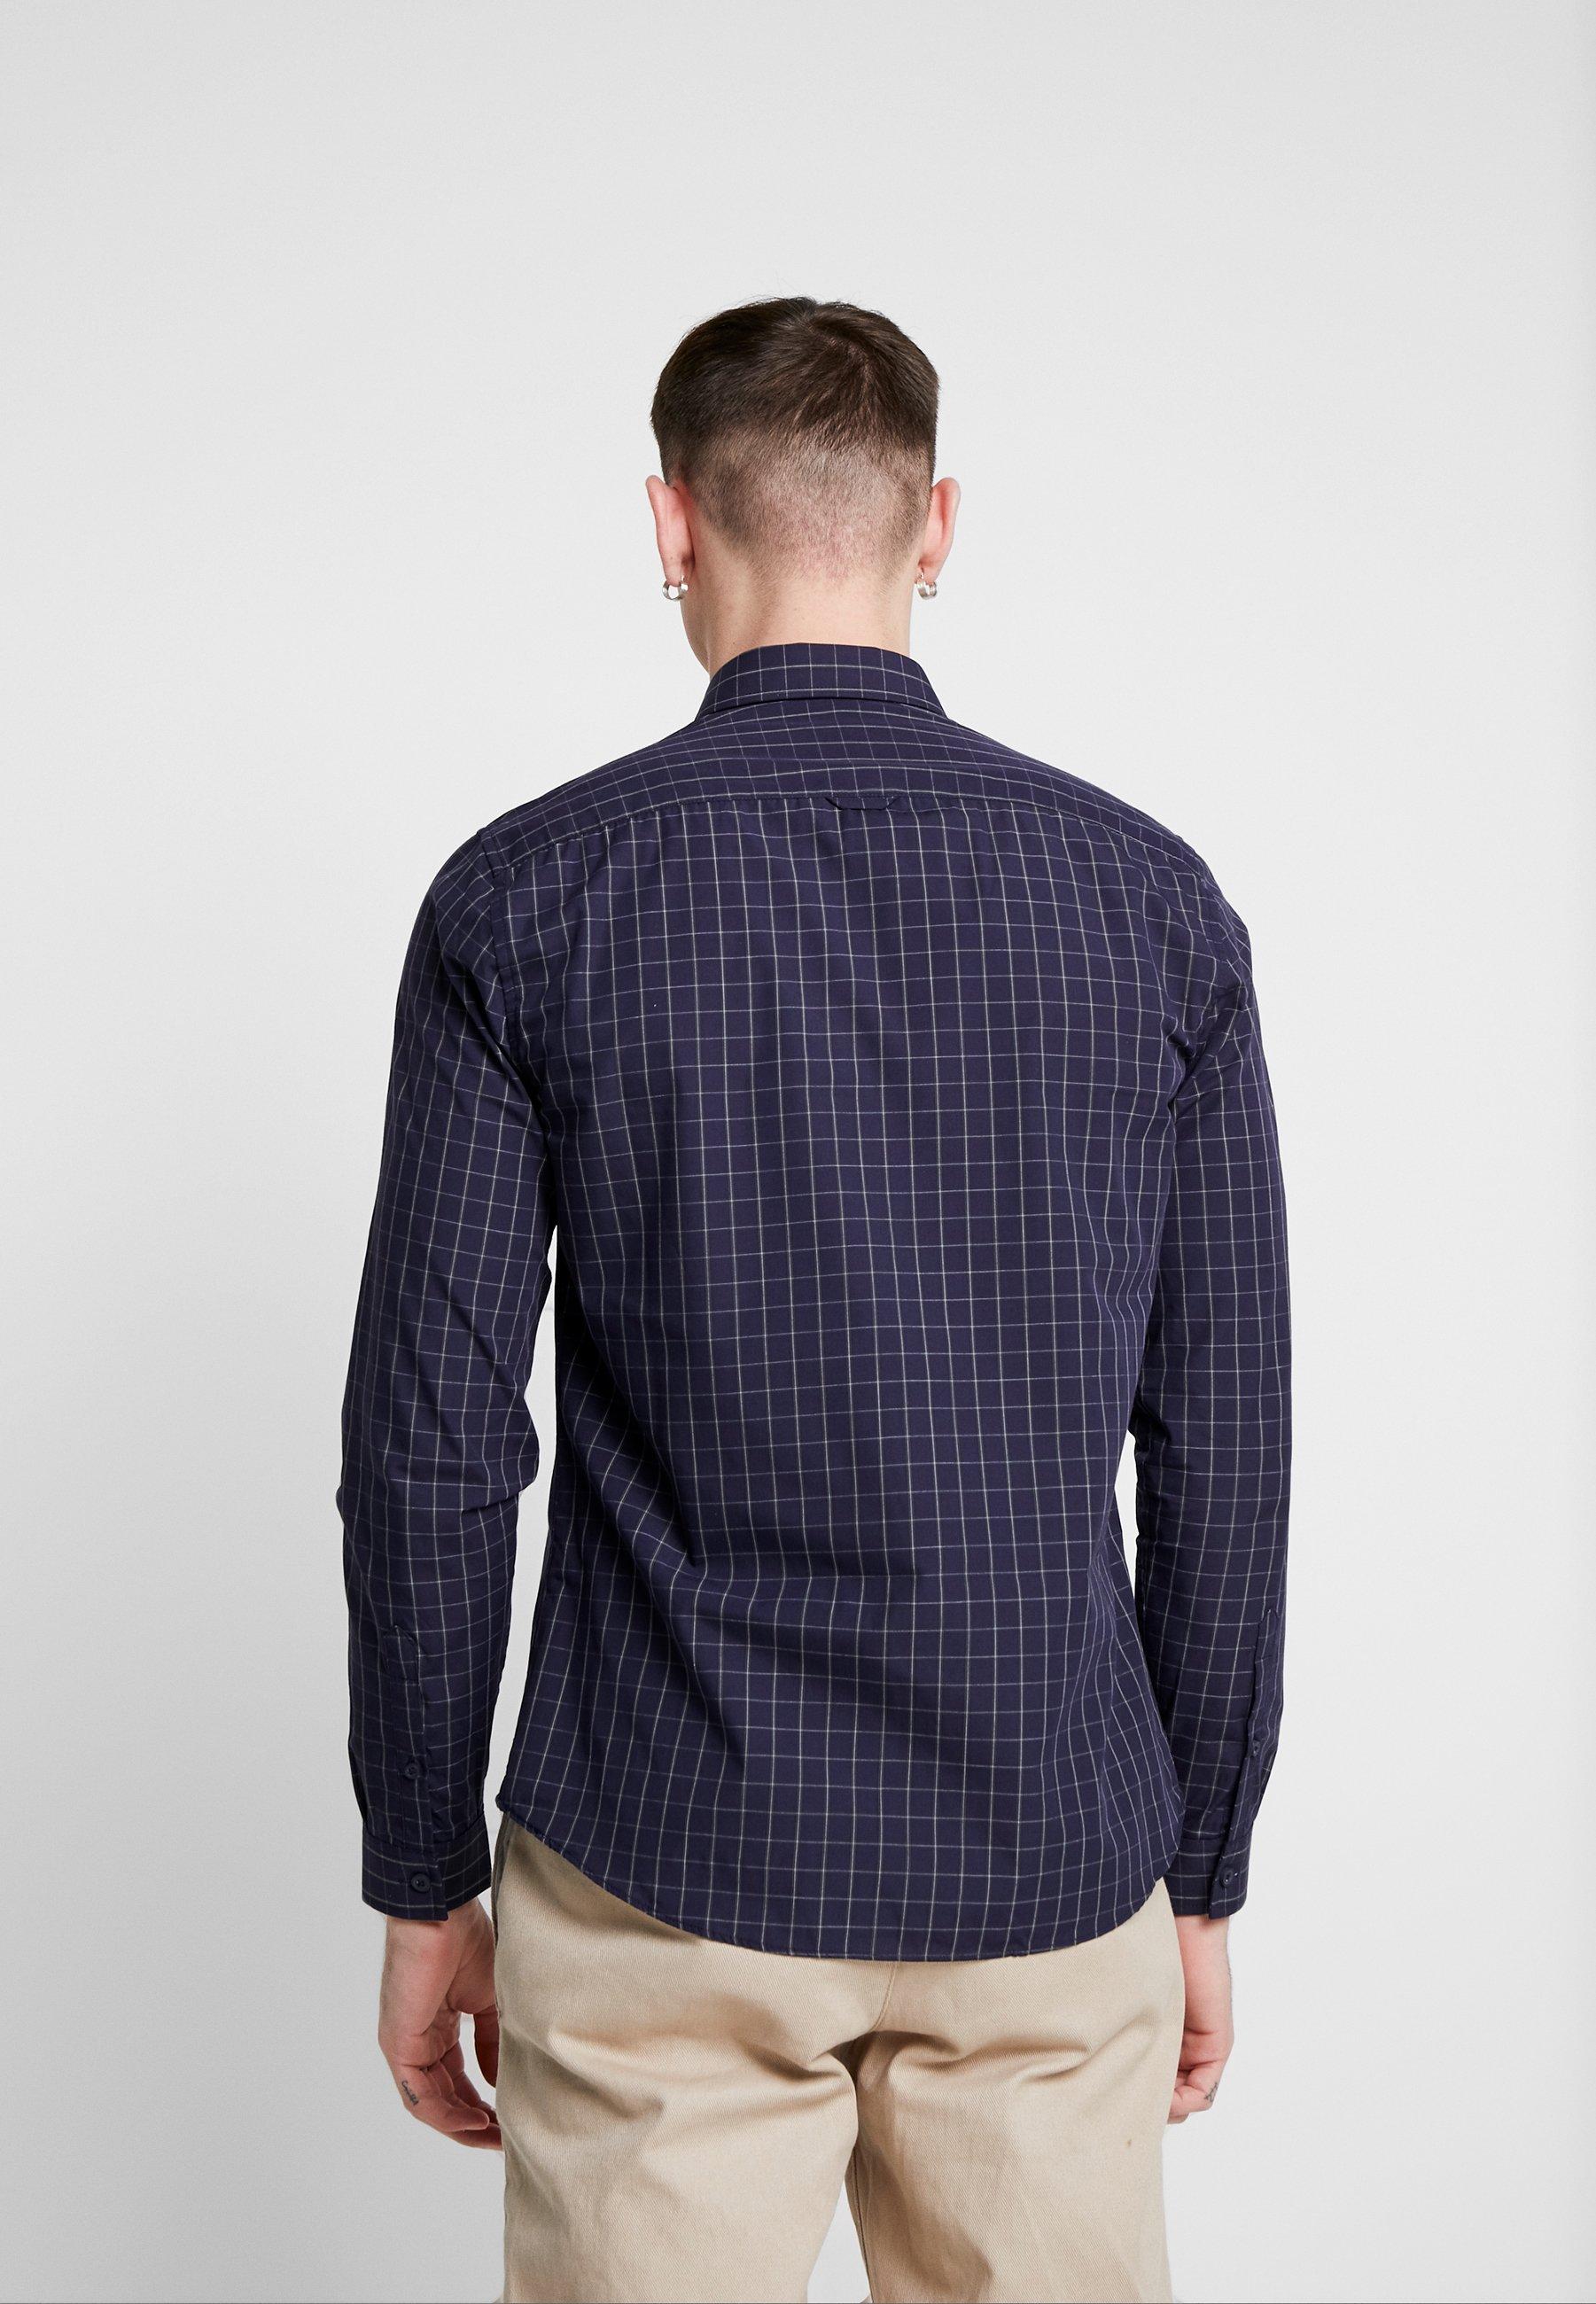 Topman Concealed Check - Skjorte Navy